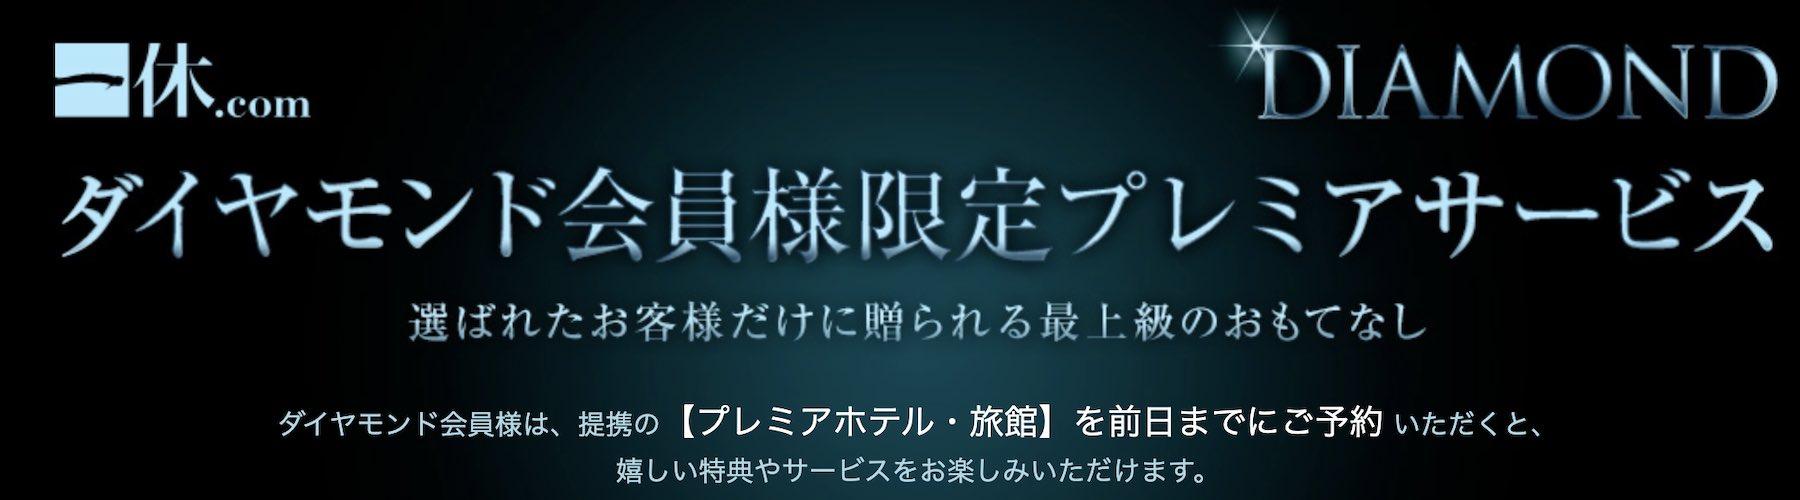 一休.com ダイヤモンド